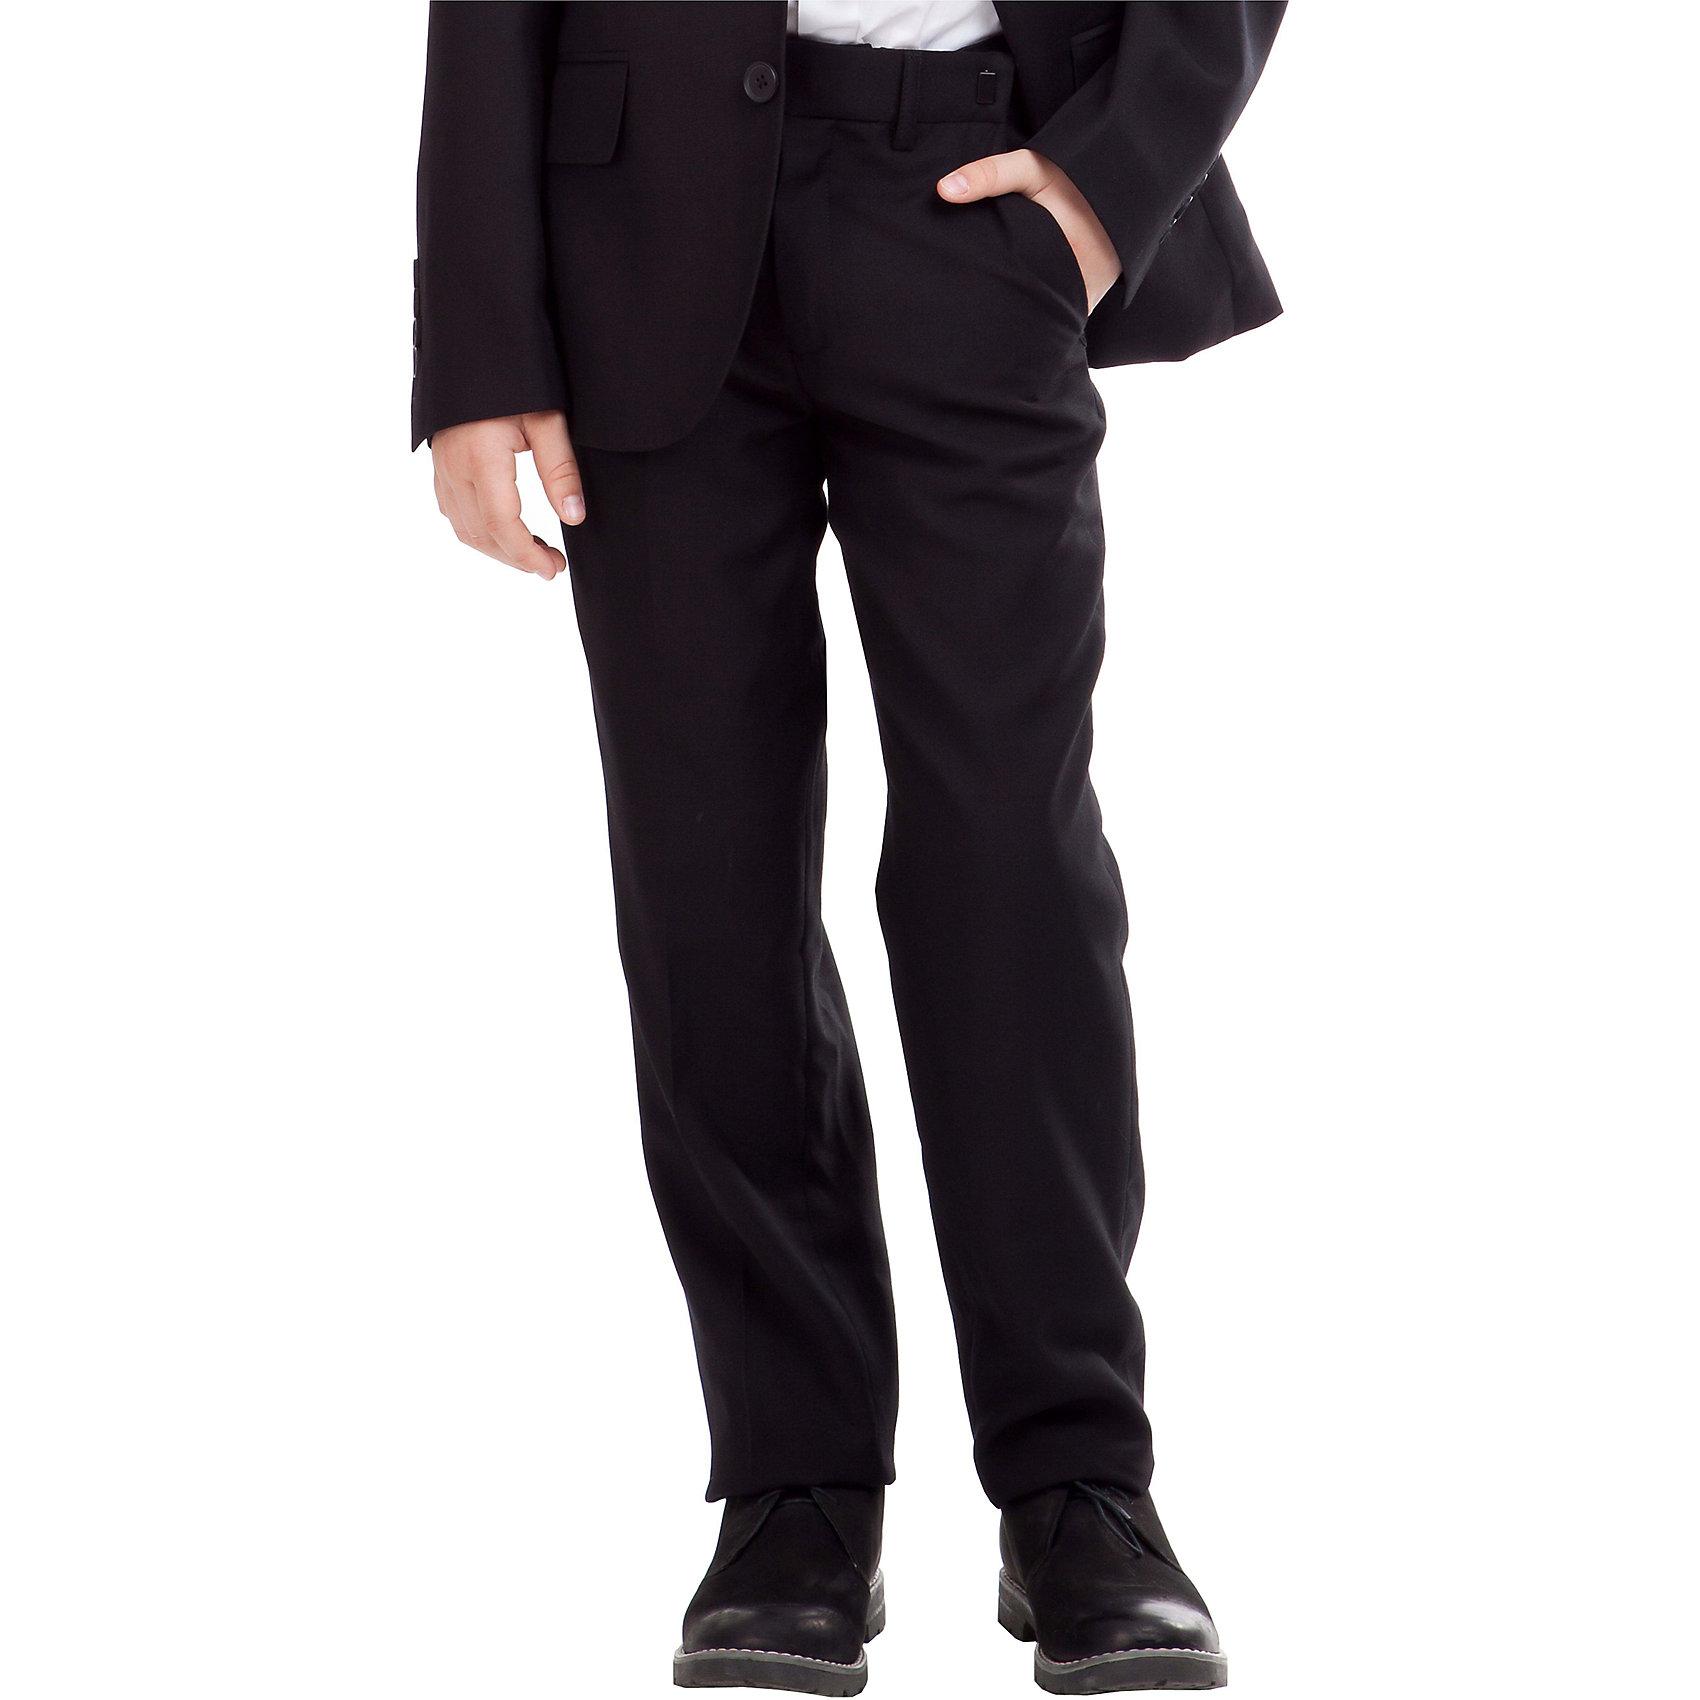 Брюки для мальчика GulliverБрюки<br>Брюки для мальчика от российского бренда Gulliver.<br>Классические брюки  - основа повседневного школьного гардероба. В сочетании с любым верхом, они смотрятся строго, настраивая на деловую волну. Хороший состав ткани с содержанием шерсти обеспечивает брюкам  достойный вид, долговечность и неприхотливость в уходе. Брюки имеют удобную регулировку пояса, создающую комфортную посадку изделия на всех типах фигуры.<br>Состав:<br>тк. верха: 65% полиэстер,  25% вискоза, 10% шерсть подкл.: 100% полиэстер<br><br>Ширина мм: 215<br>Глубина мм: 88<br>Высота мм: 191<br>Вес г: 336<br>Цвет: черный<br>Возраст от месяцев: 144<br>Возраст до месяцев: 156<br>Пол: Мужской<br>Возраст: Детский<br>Размер: 158,152,122,128,134,140,146<br>SKU: 4174640